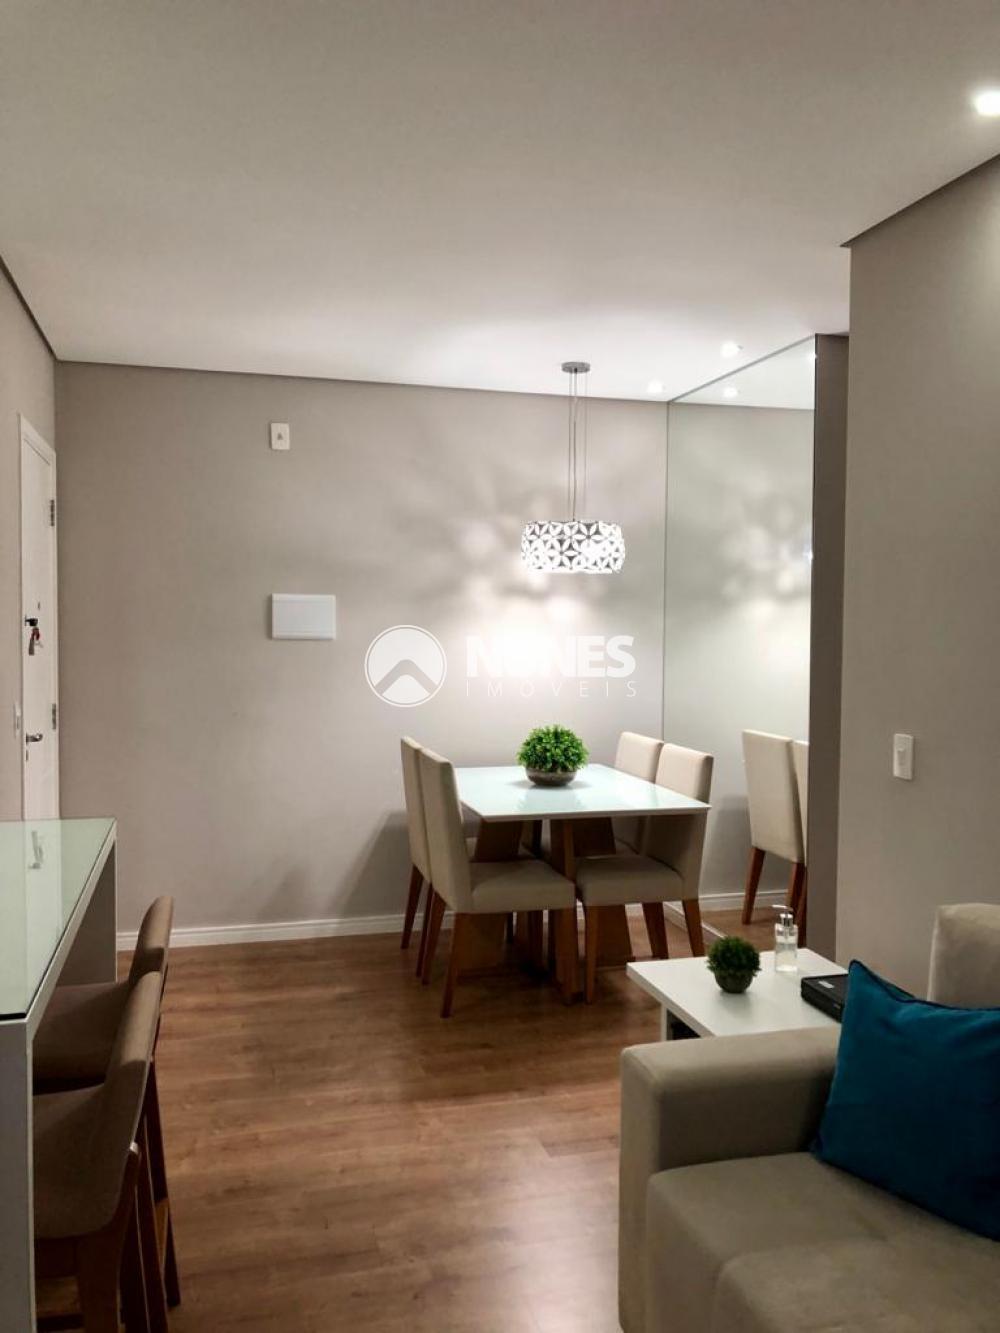 Comprar Apartamento / Padrão em Osasco R$ 250.000,00 - Foto 1